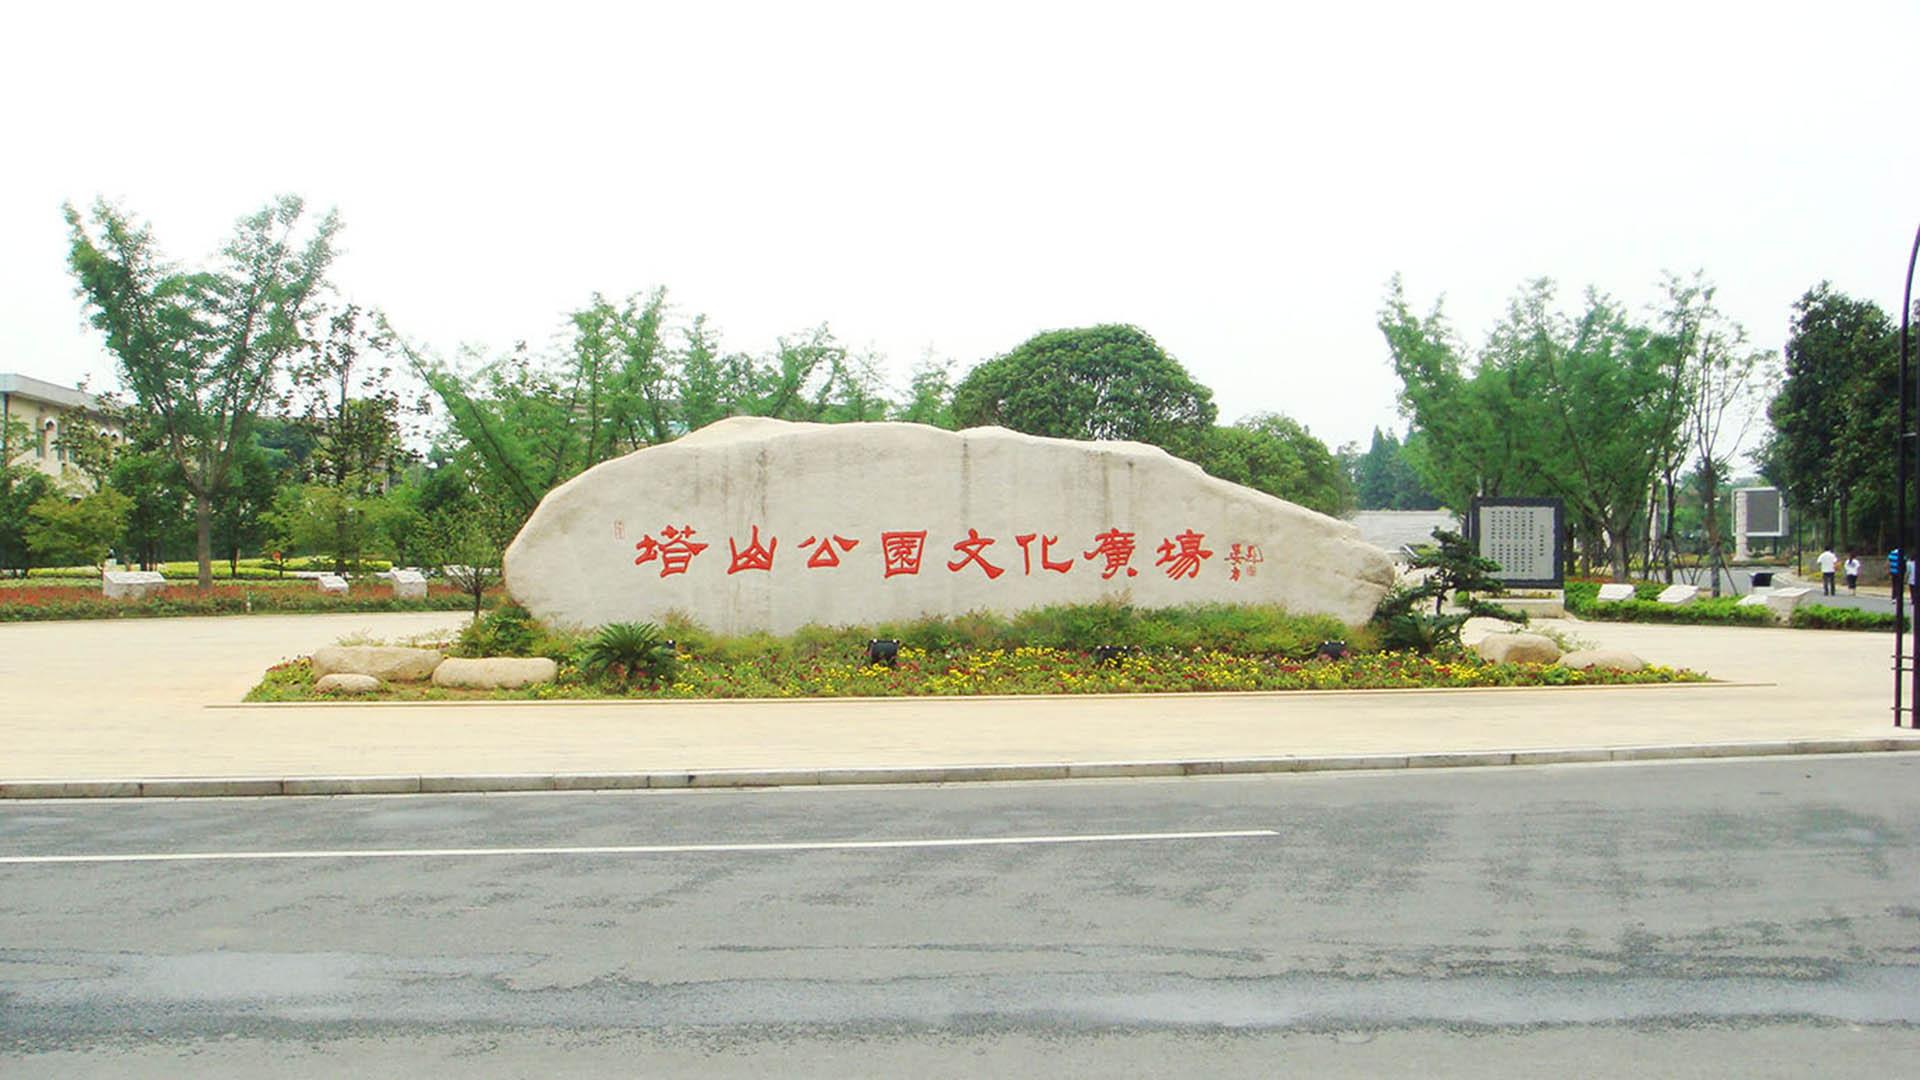 2014余杭镇塔山公园文化广场景观工程